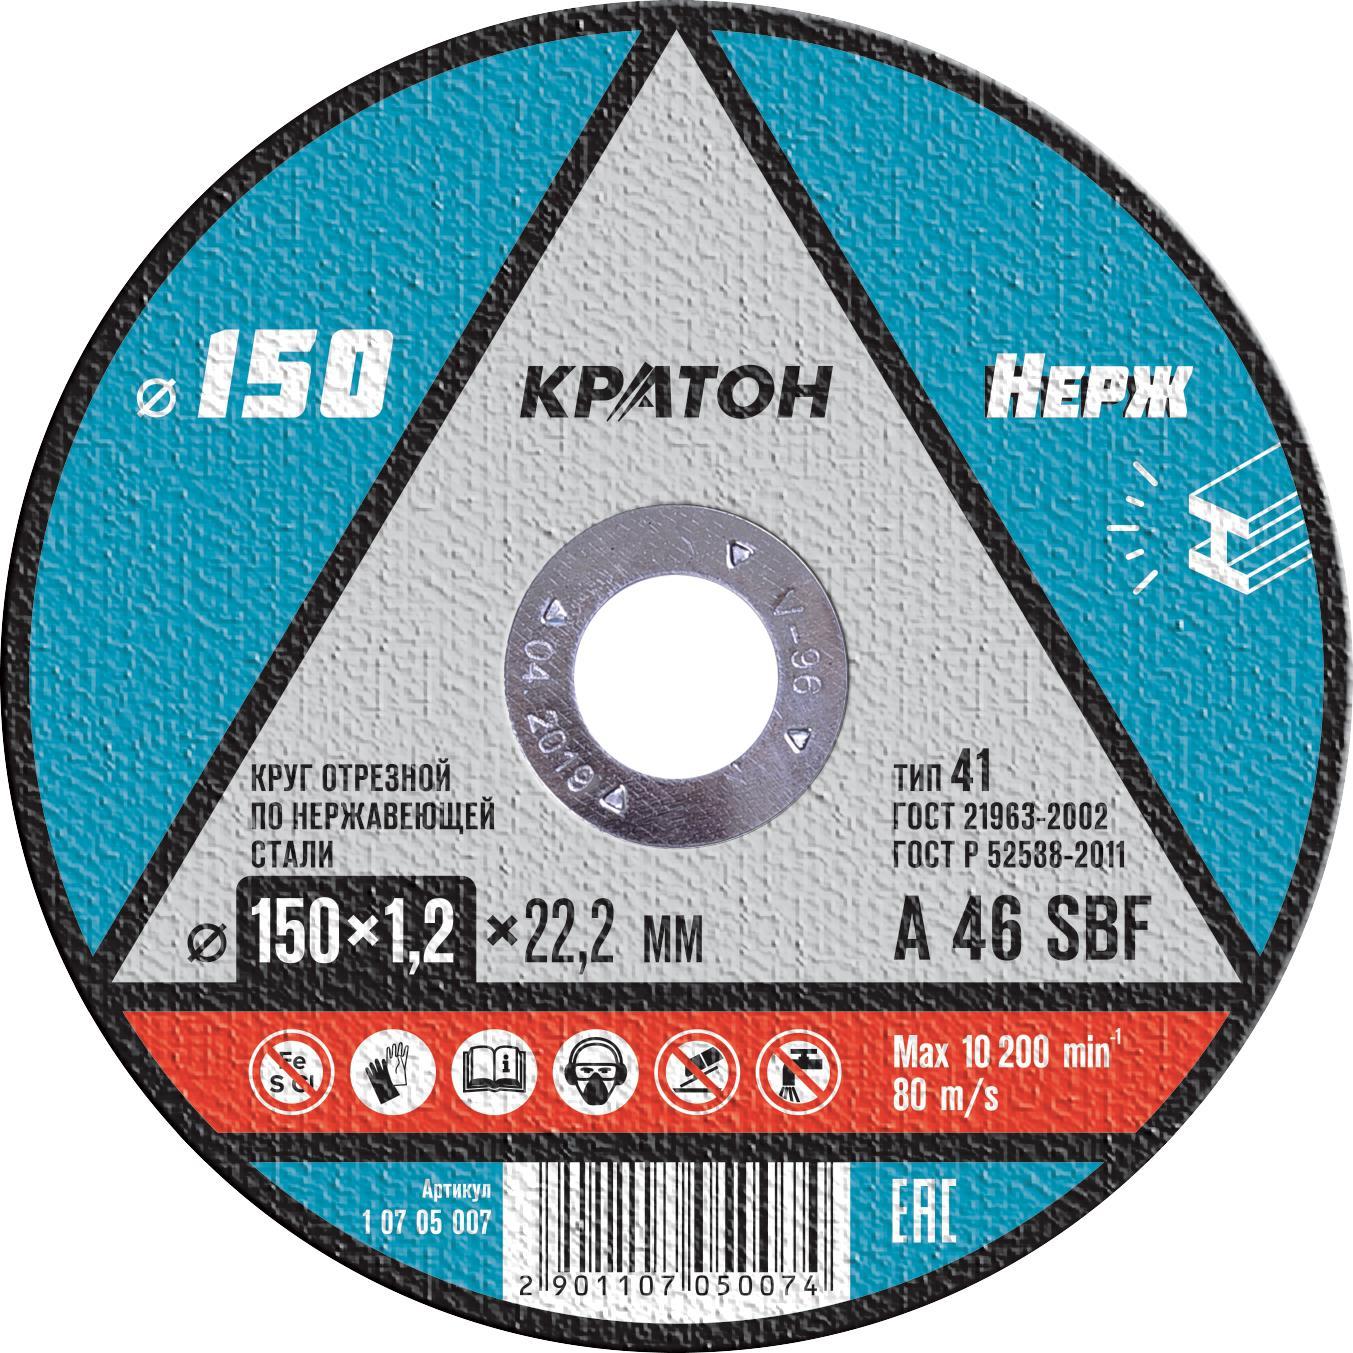 Cutting Circle KRATON A46SBF 1 07 05 007